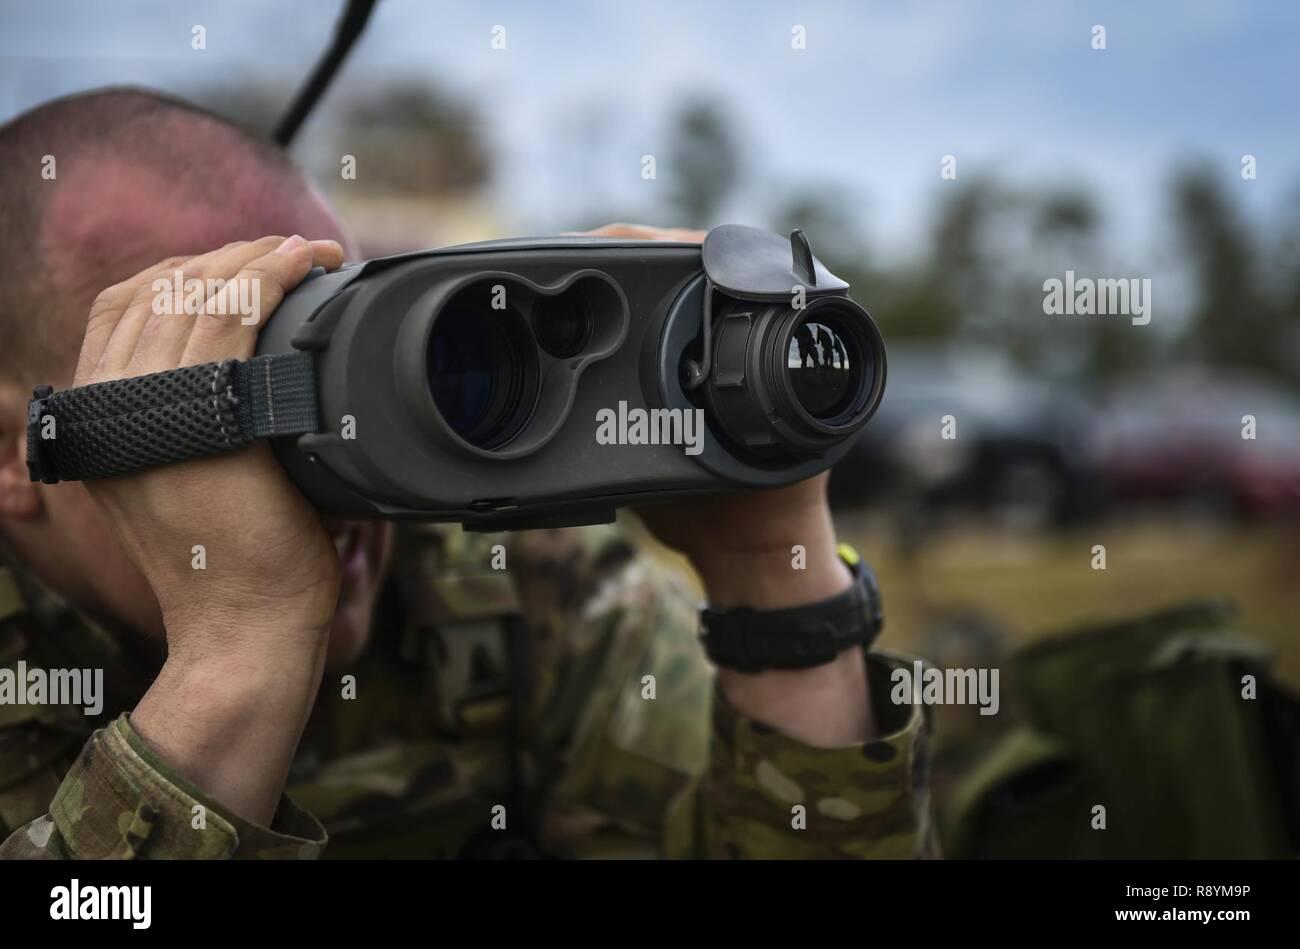 Laser Entfernungsmesser Militär : Laser rangefinder stockfotos bilder alamy